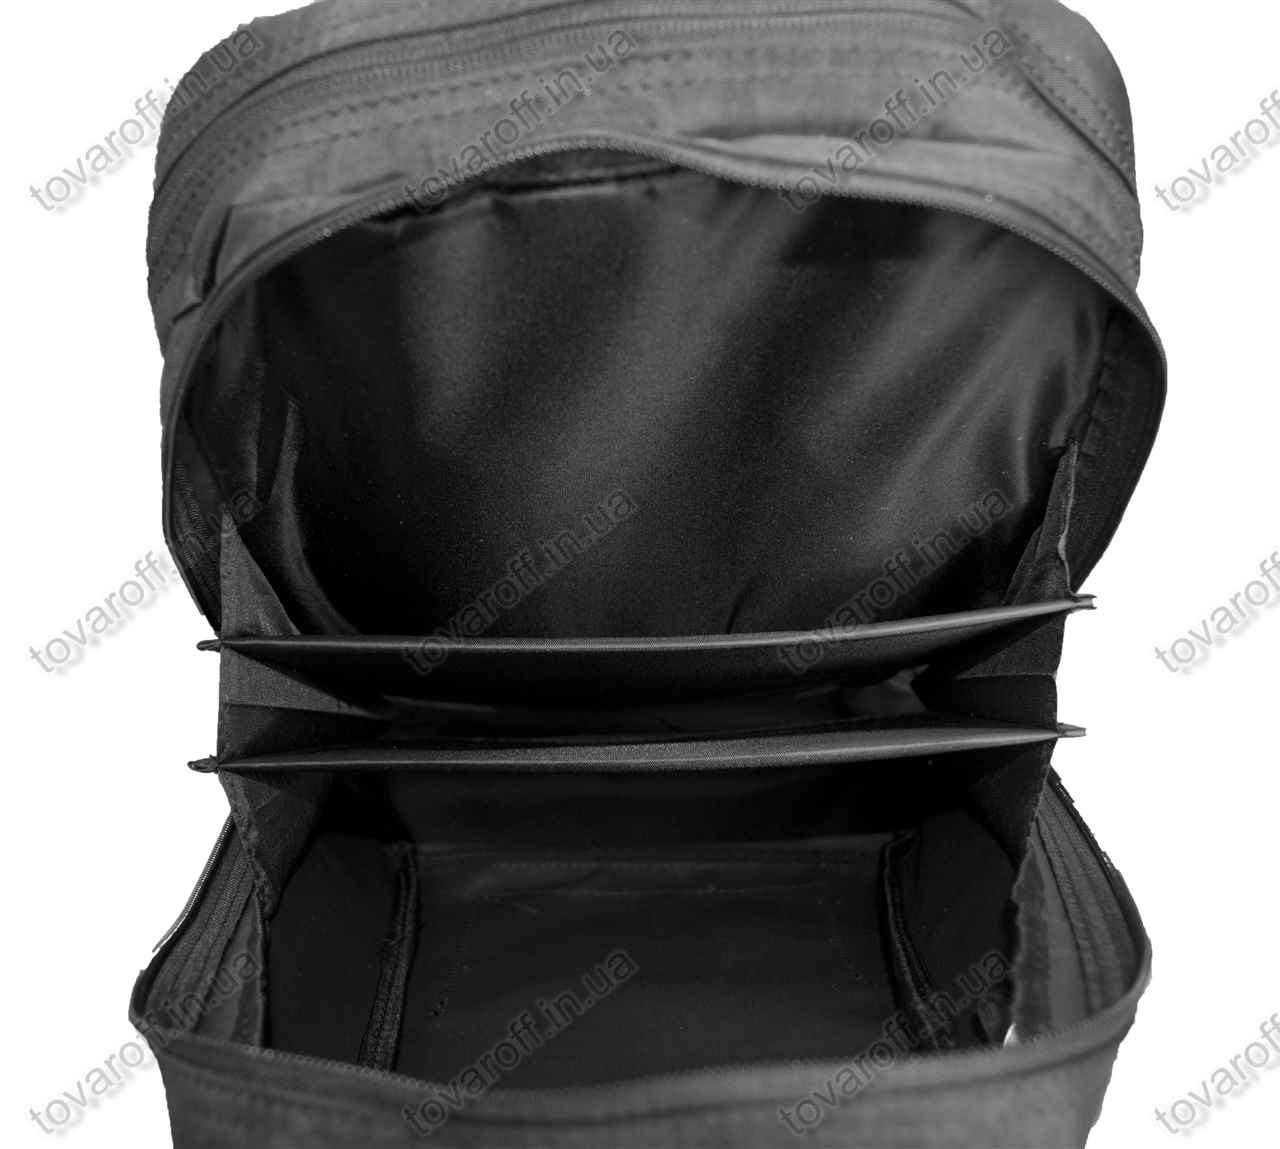 668499875ef5 ... фото Оптом рюкзак школьный/городской - Розовый - MeShock (Bagland) -  14970, ...